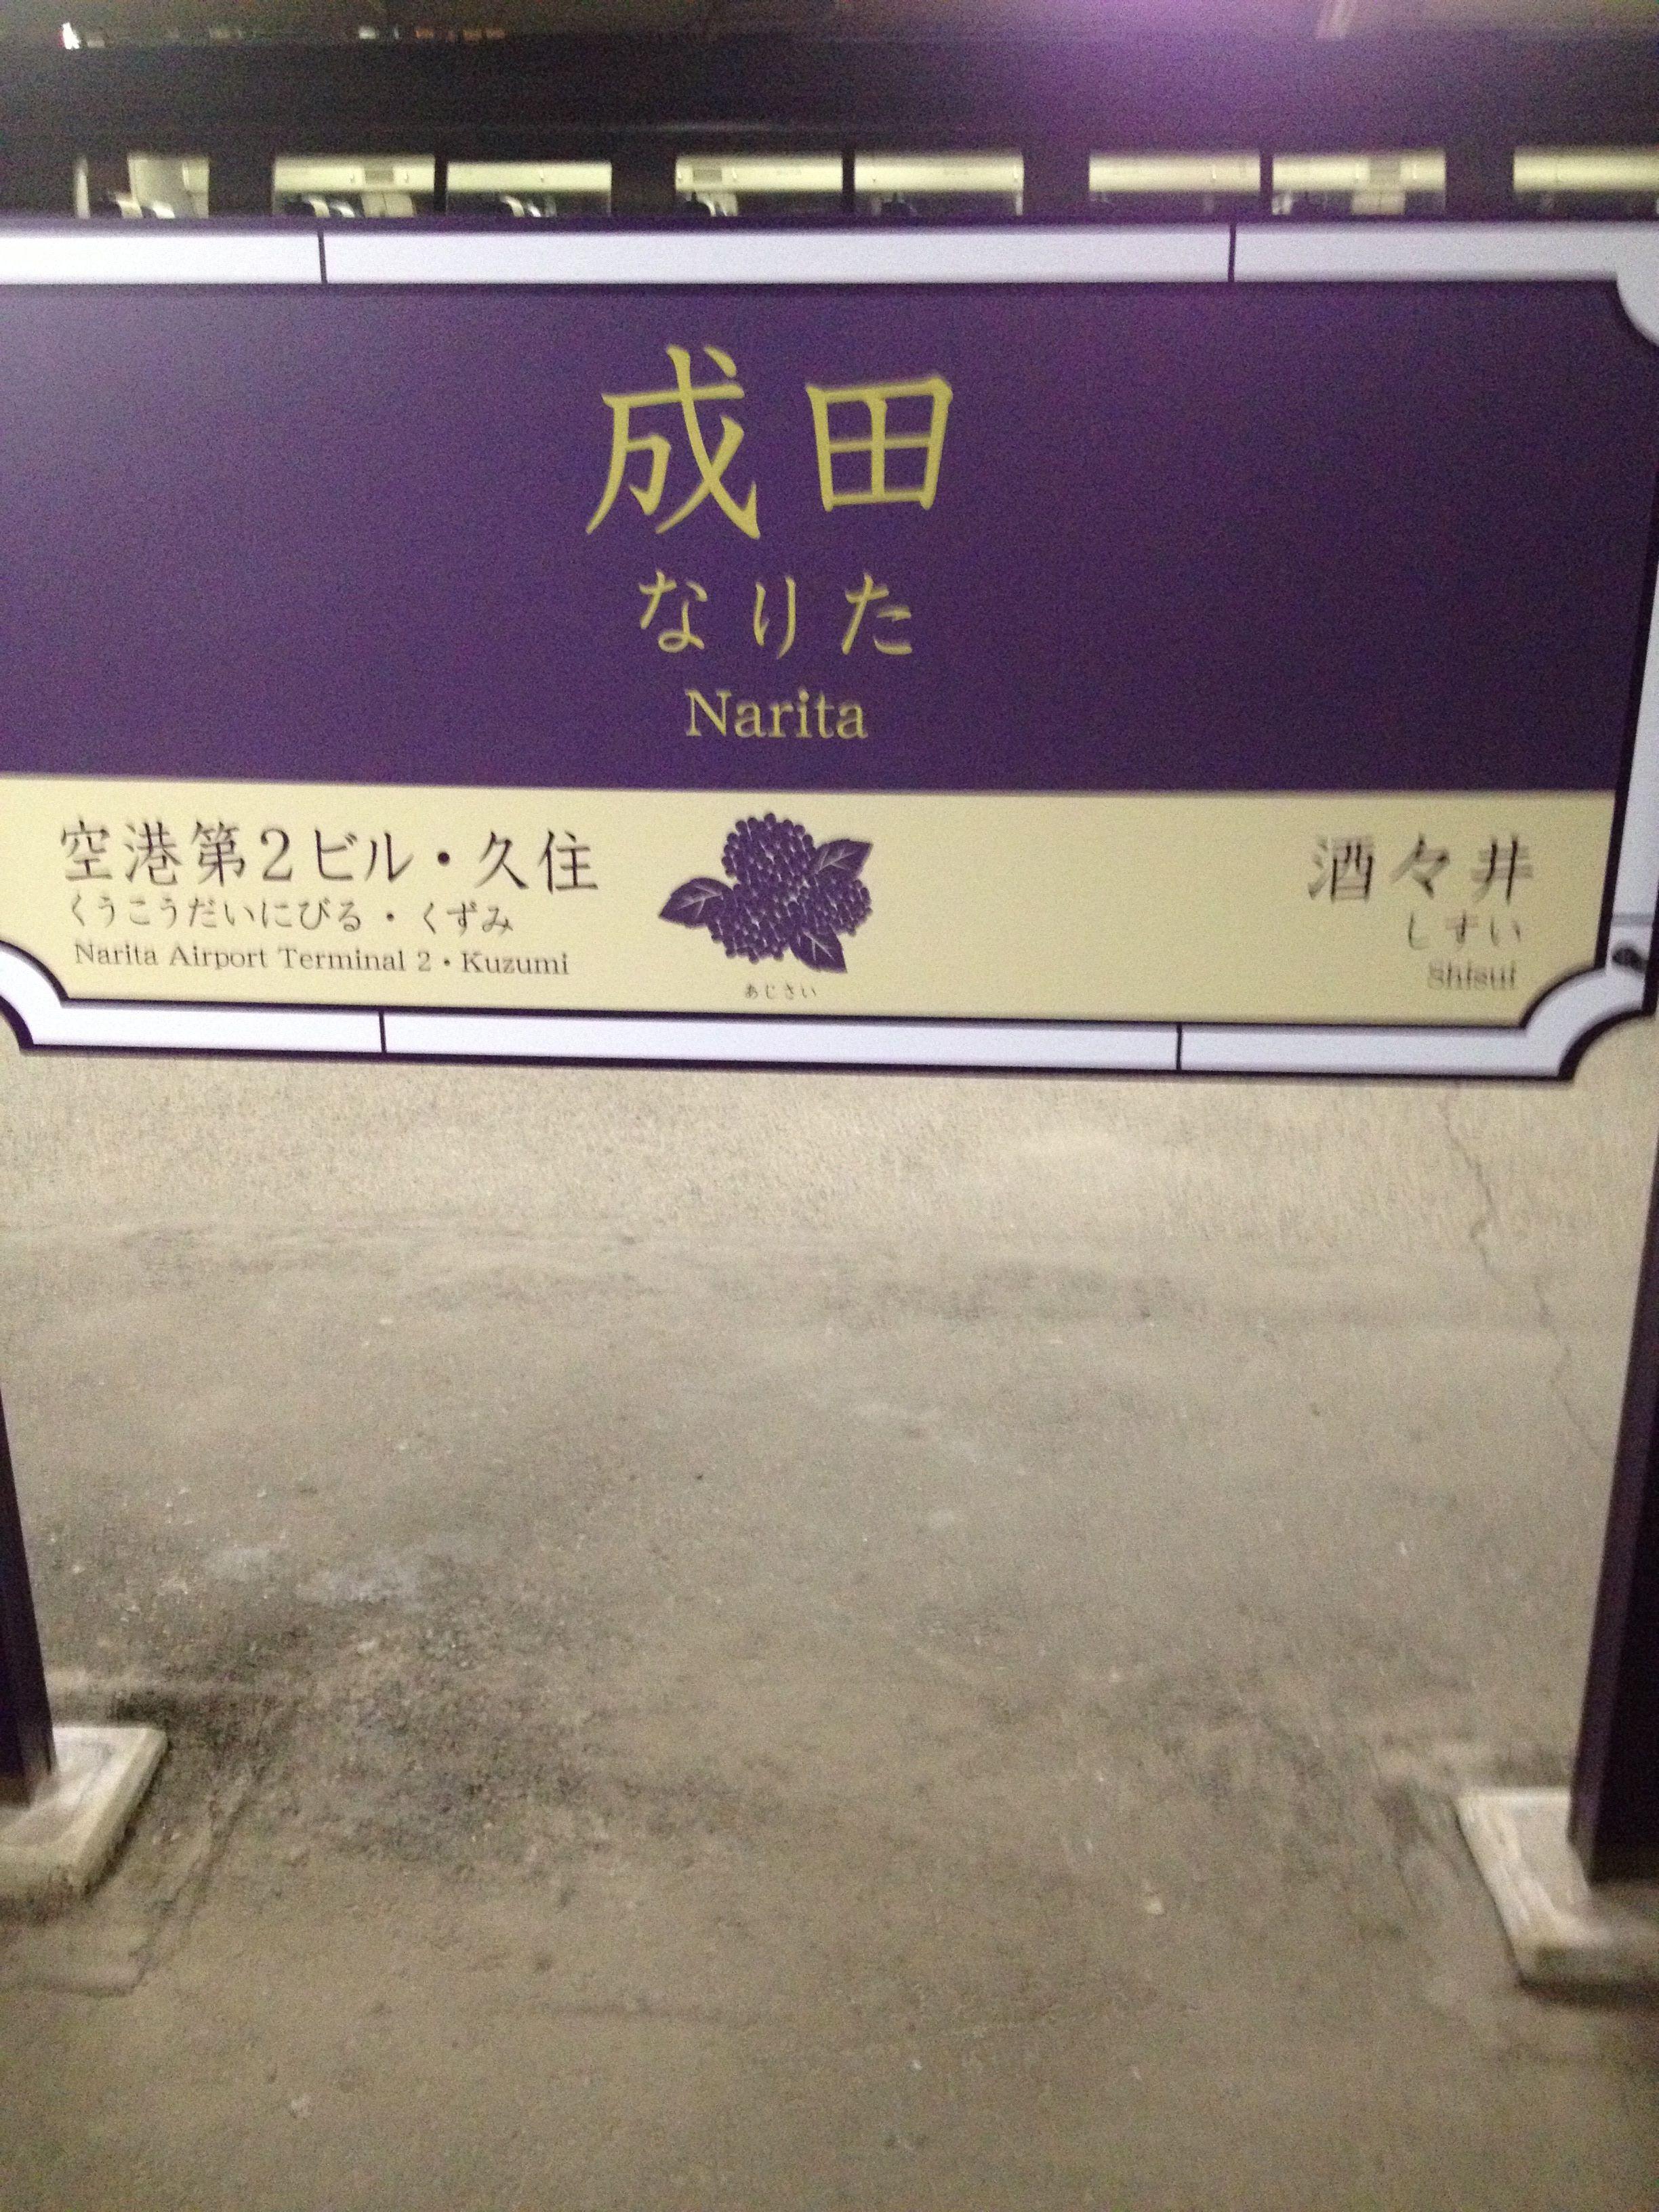 この駅名表示、おしゃれで好き。